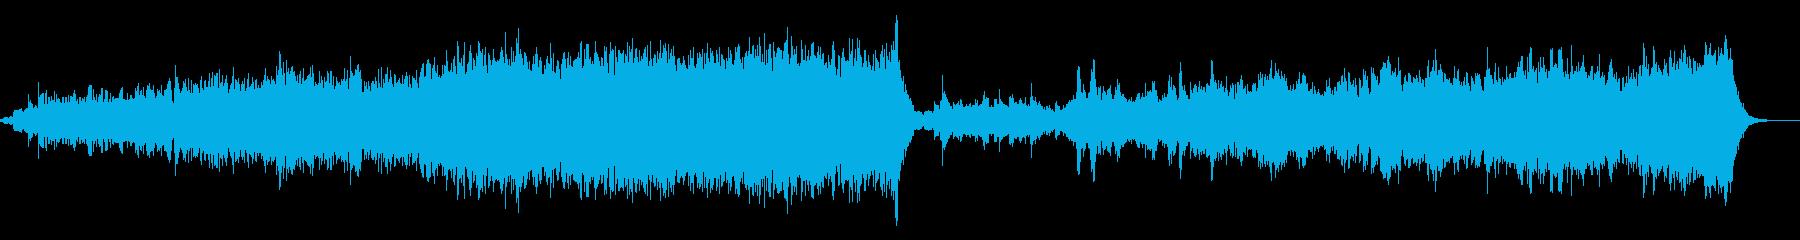 幻想的なアンビエントの再生済みの波形